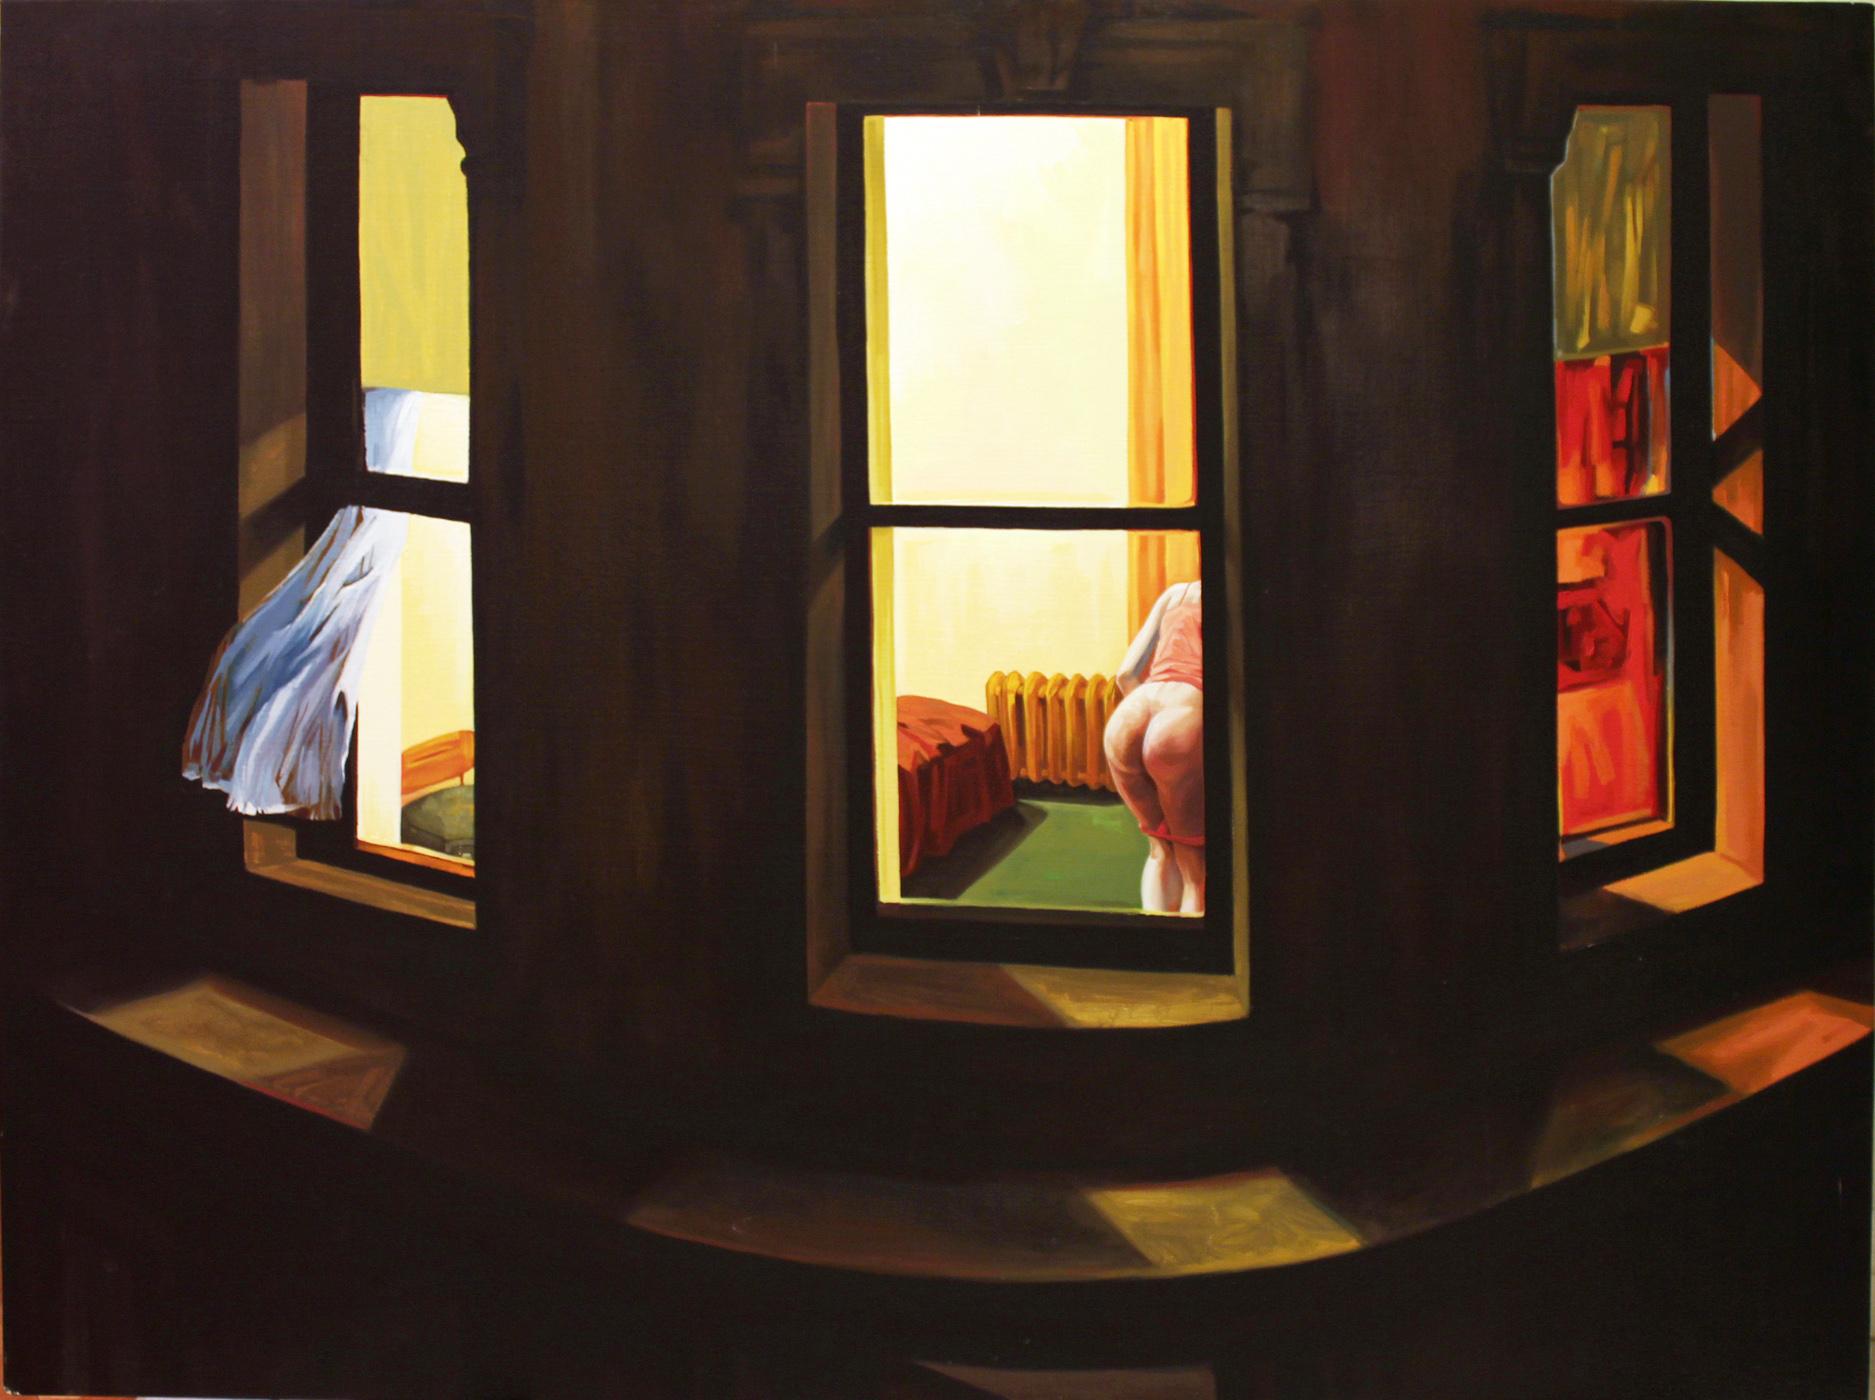 Night Windows II